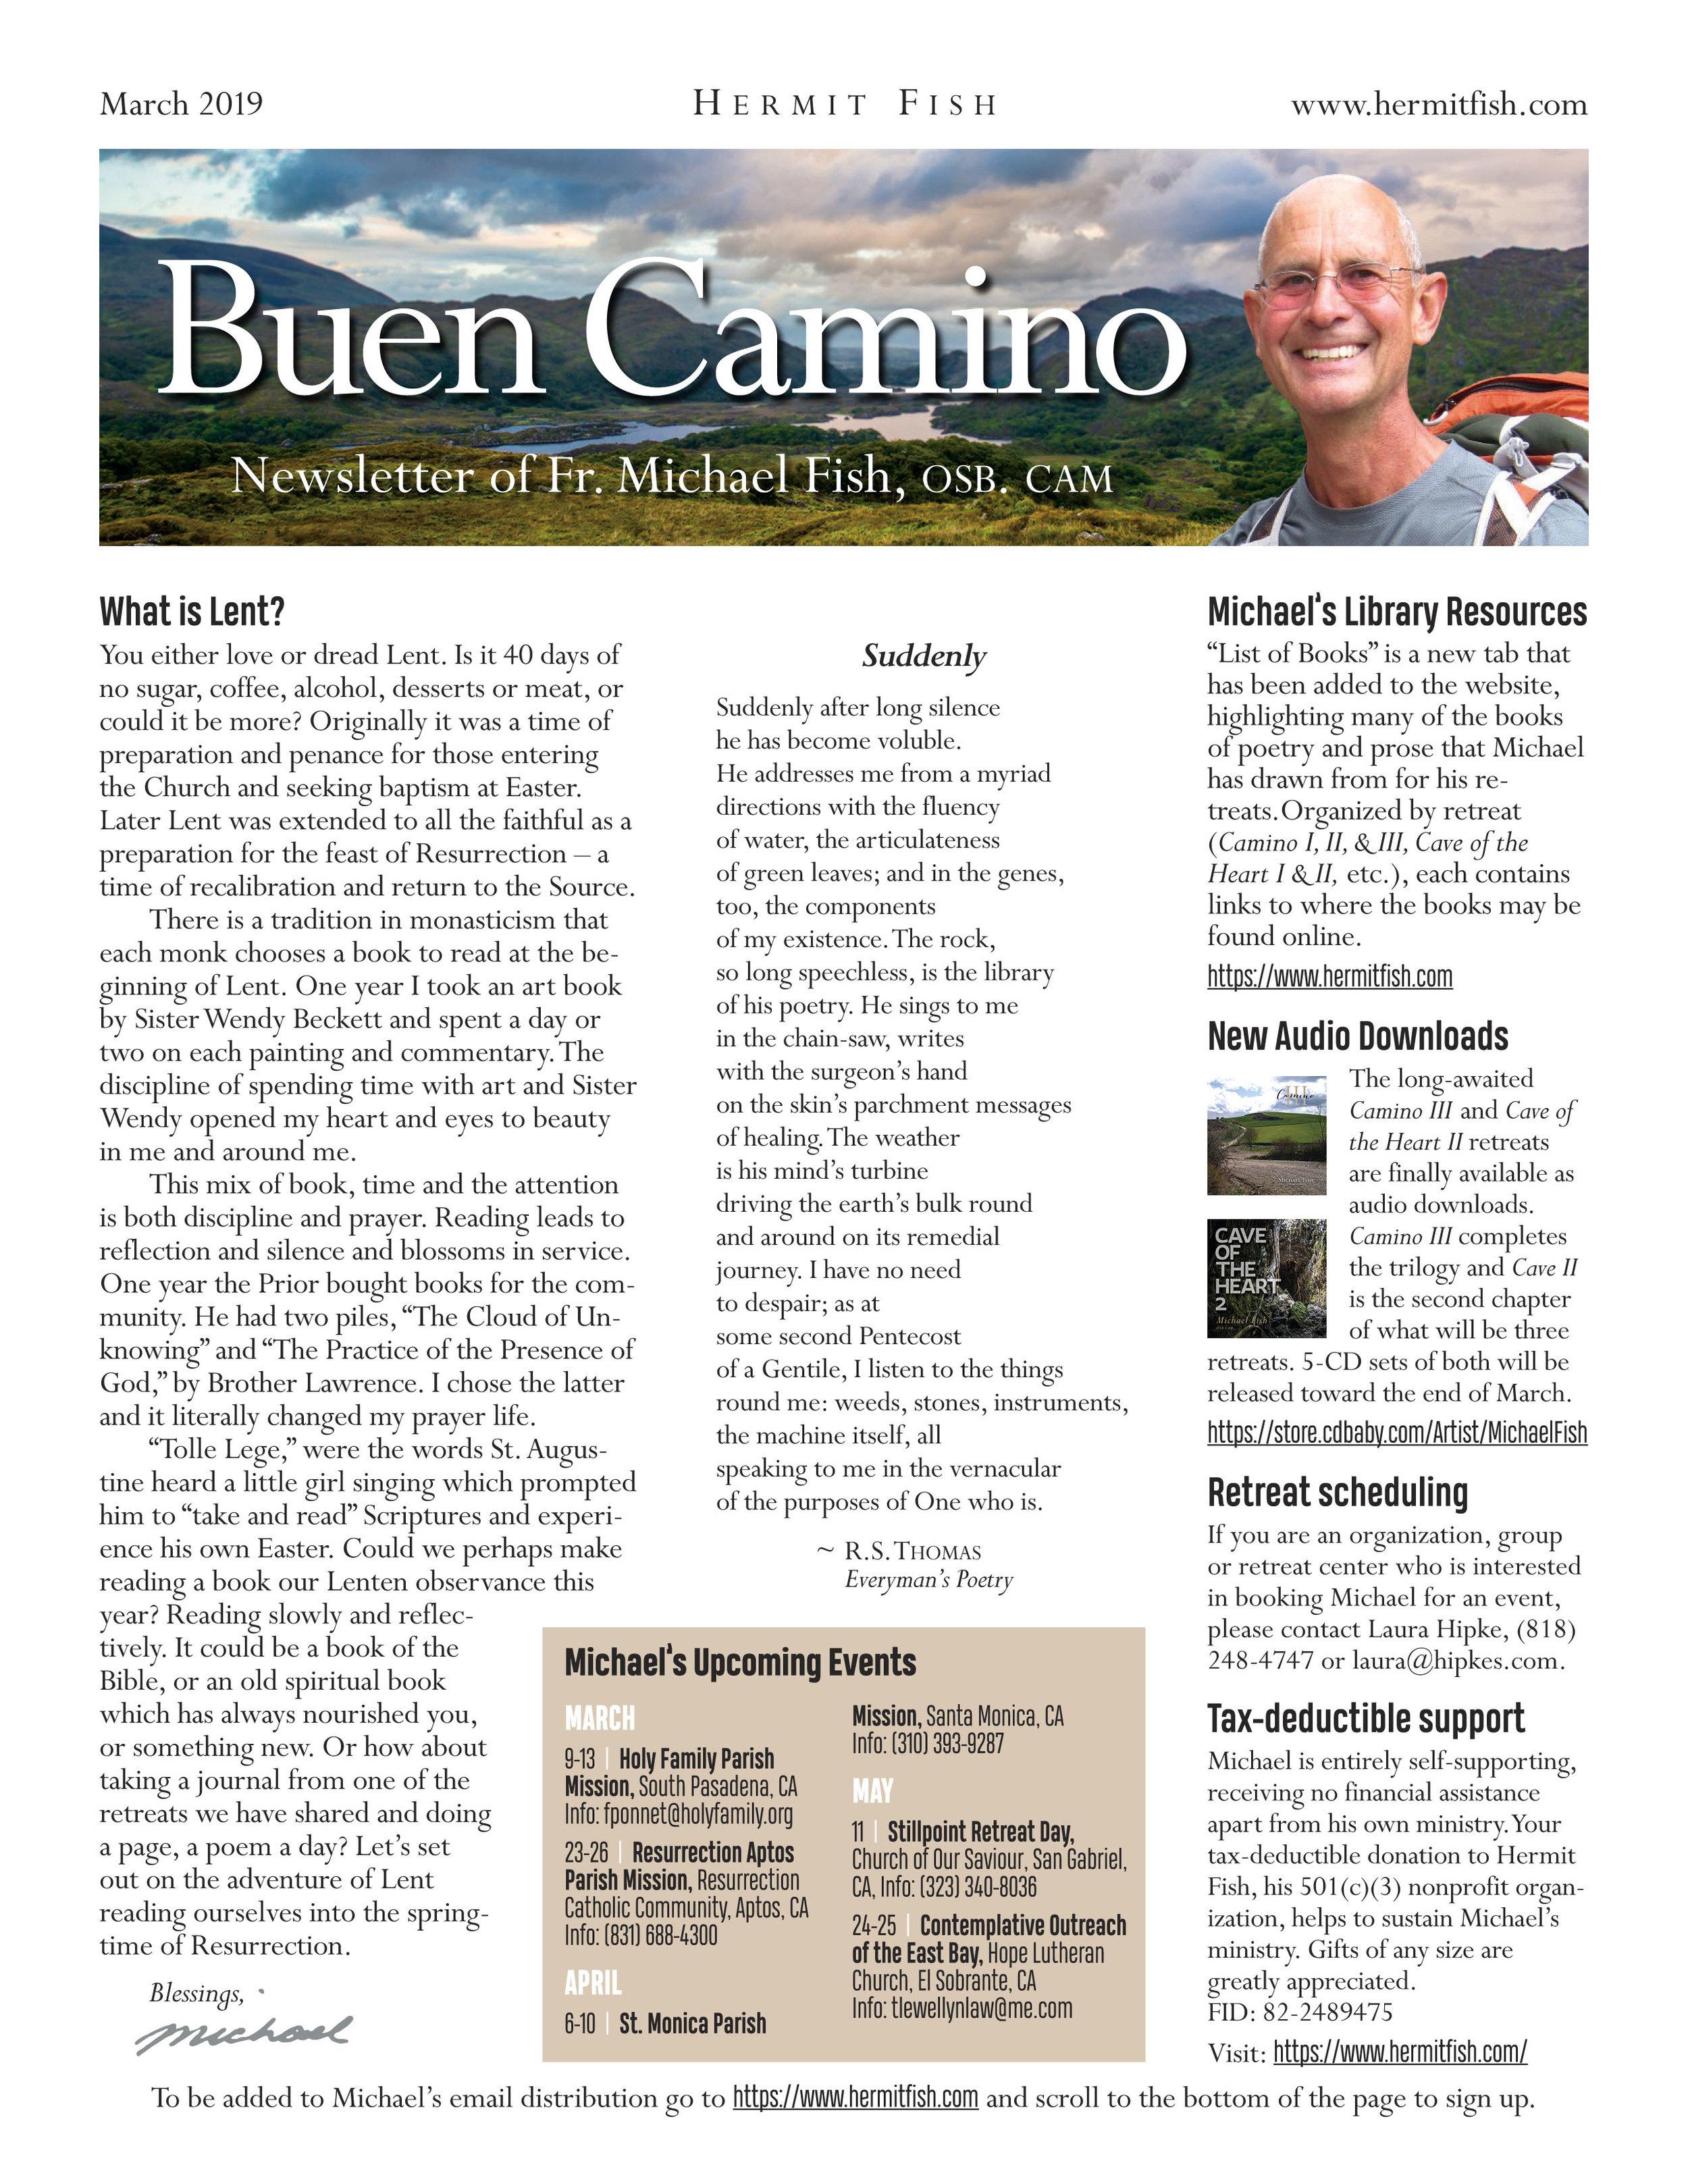 Buen Camino Mar 2019 v3.jpg